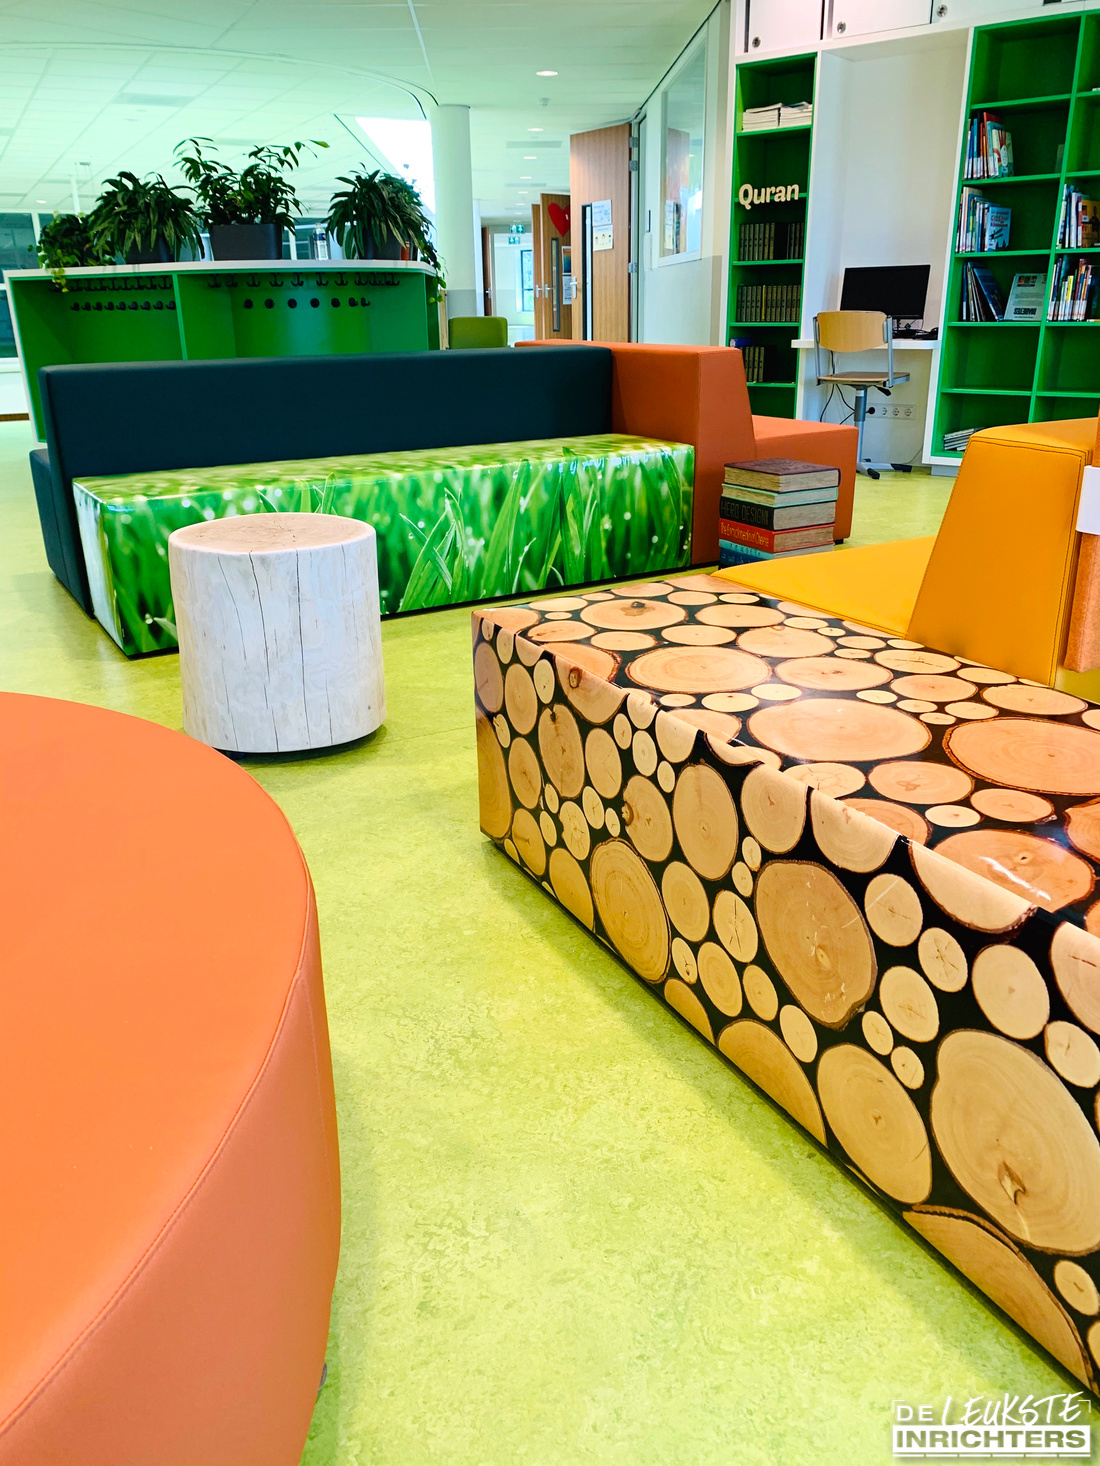 An Noer inrichting bibliotheek zitelement boomstam